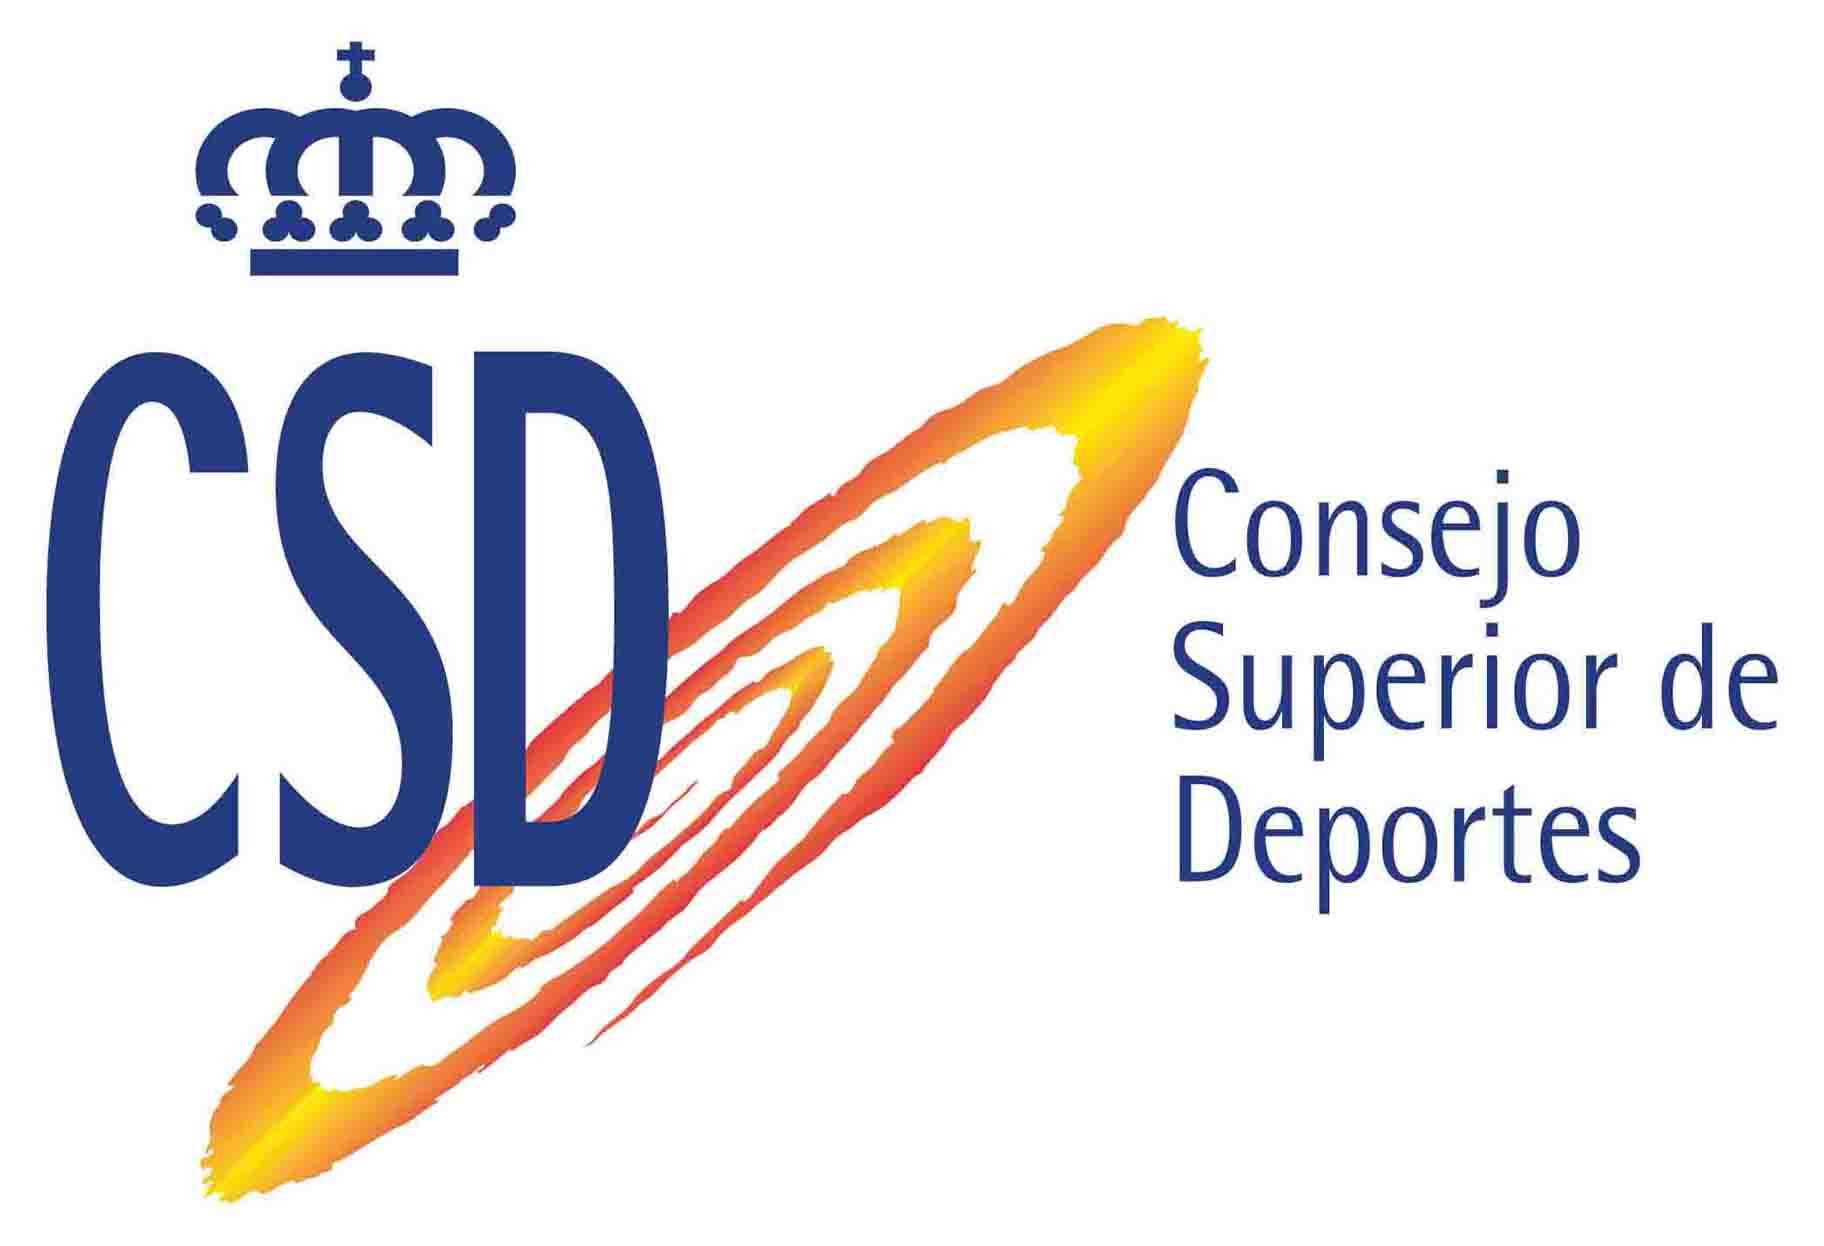 Consejo Superior Deportes